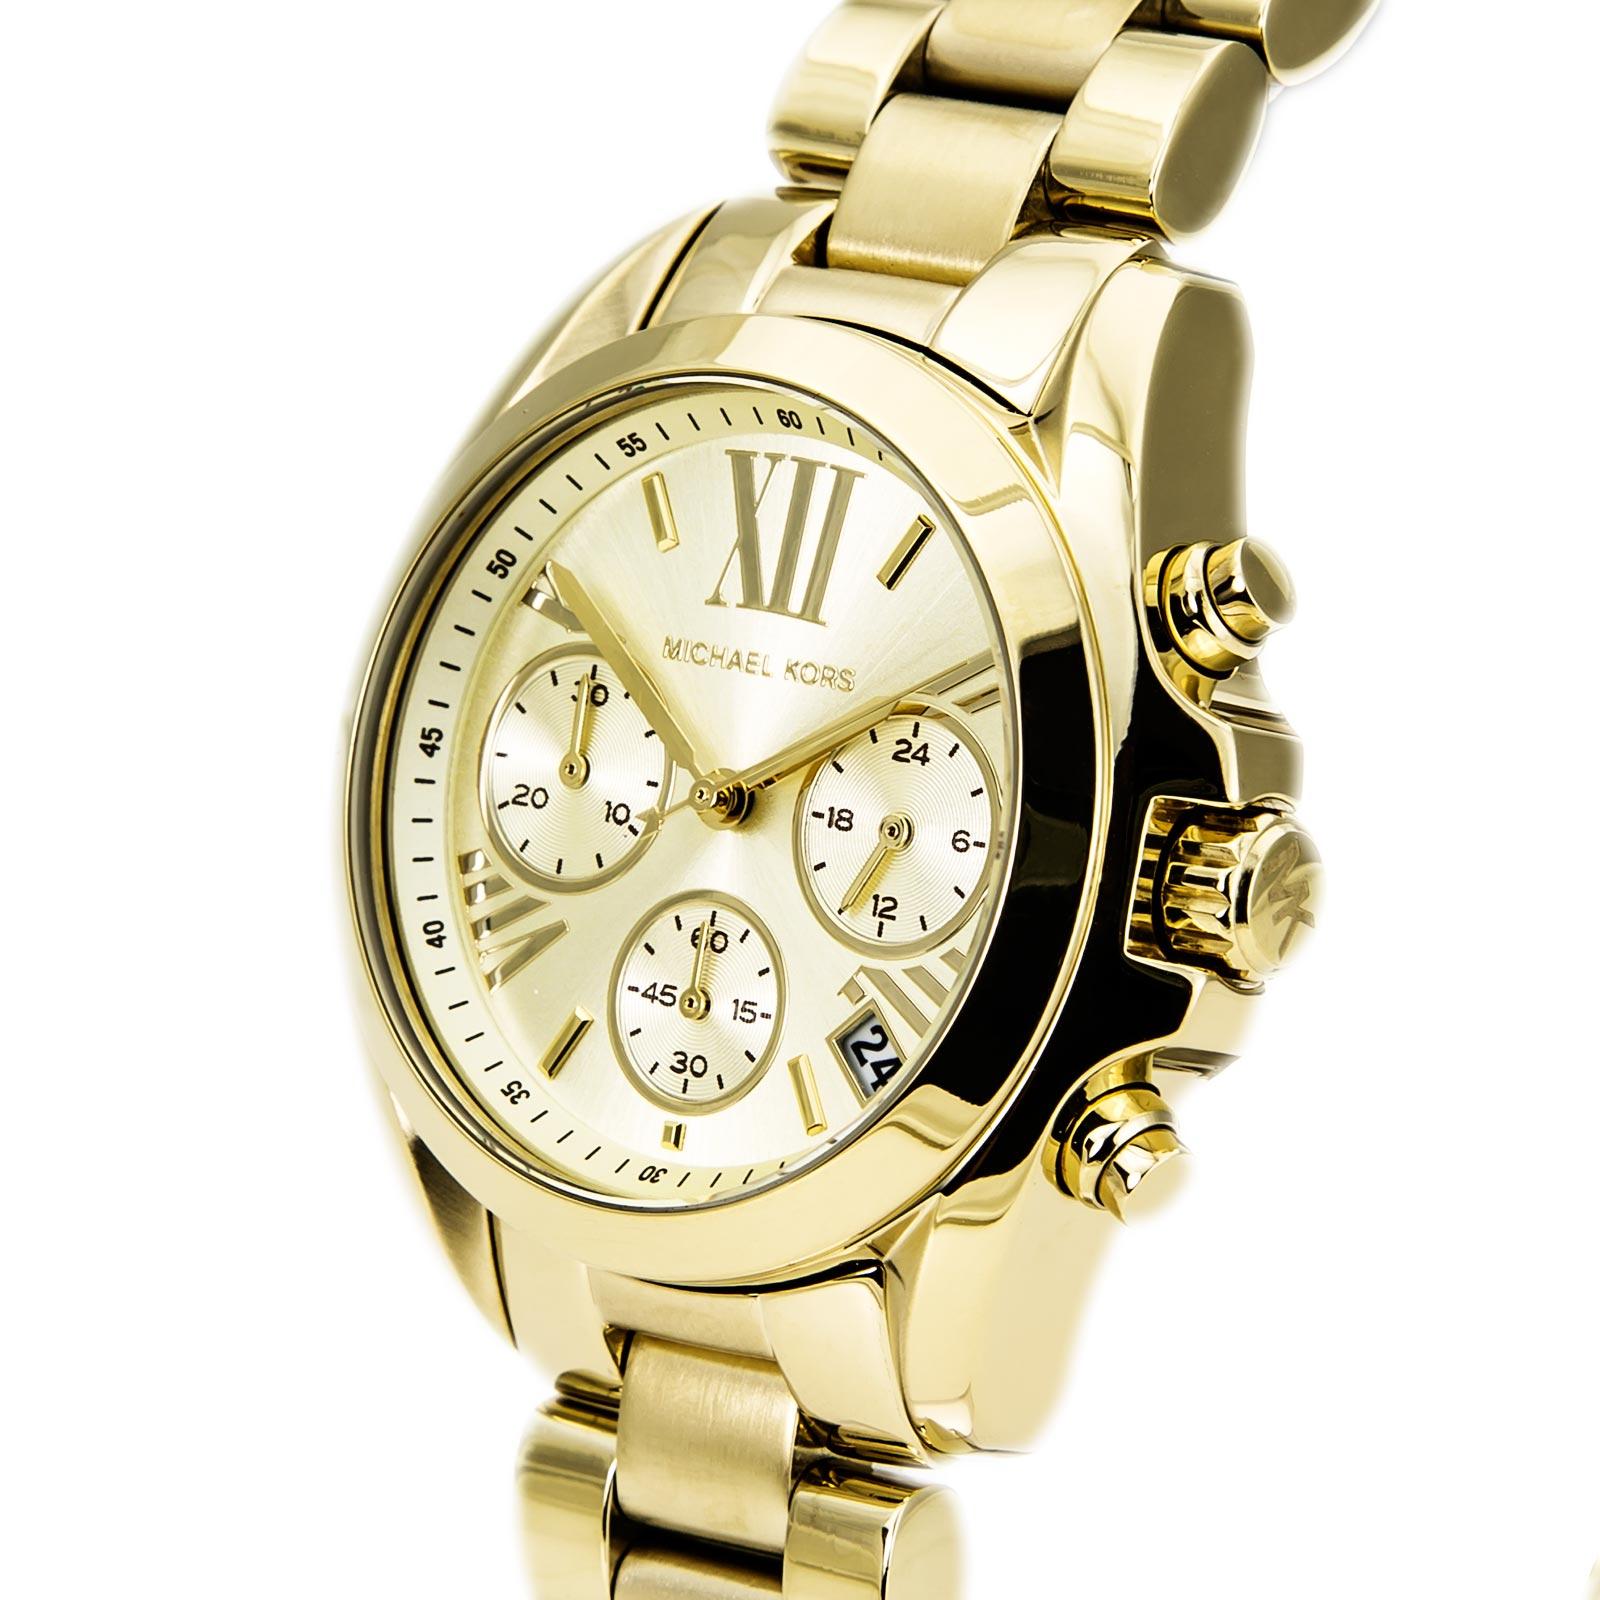 美國Outlet 正品代購 MichaelKors MK 金色熱吻巴黎三環計時手錶腕錶 MK5798 3